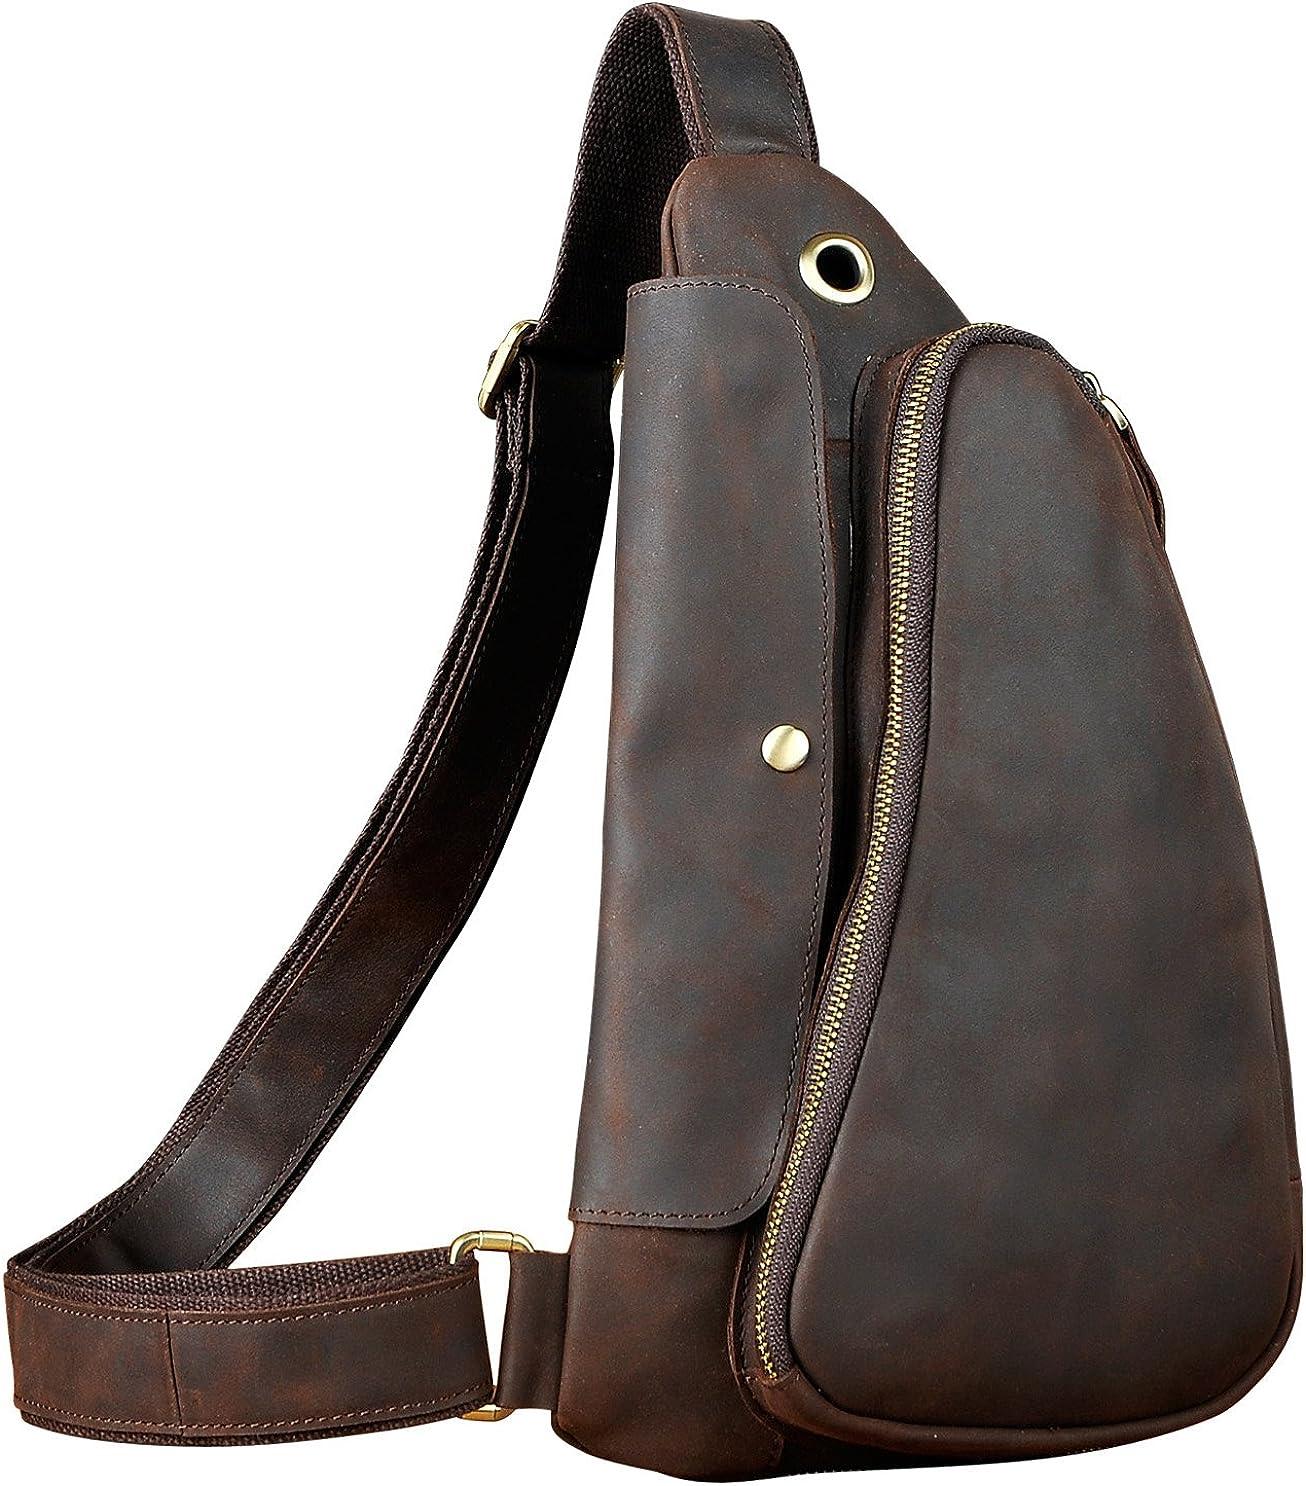 Le aokuu Mens Fashion Casual Tea Designer Travel Hiking Crossbody Chest Sling Bag Rig One Shoulder Strap Bag For Men Leather